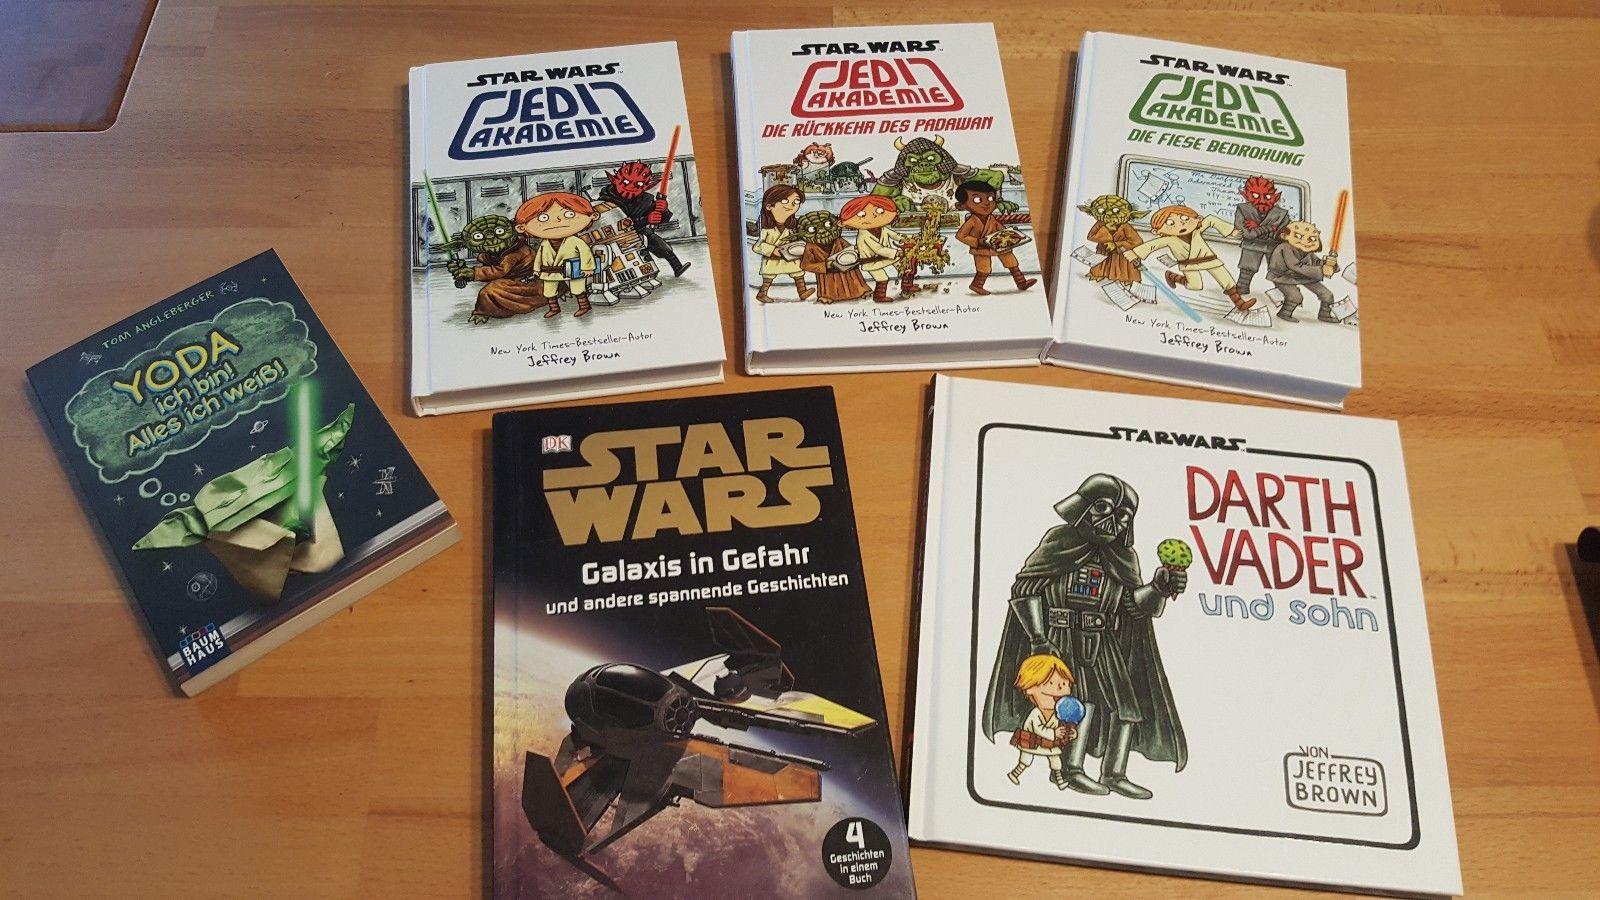 Star Wars Darth Vader Yoda Bücher verschiedene Titel für Jungen